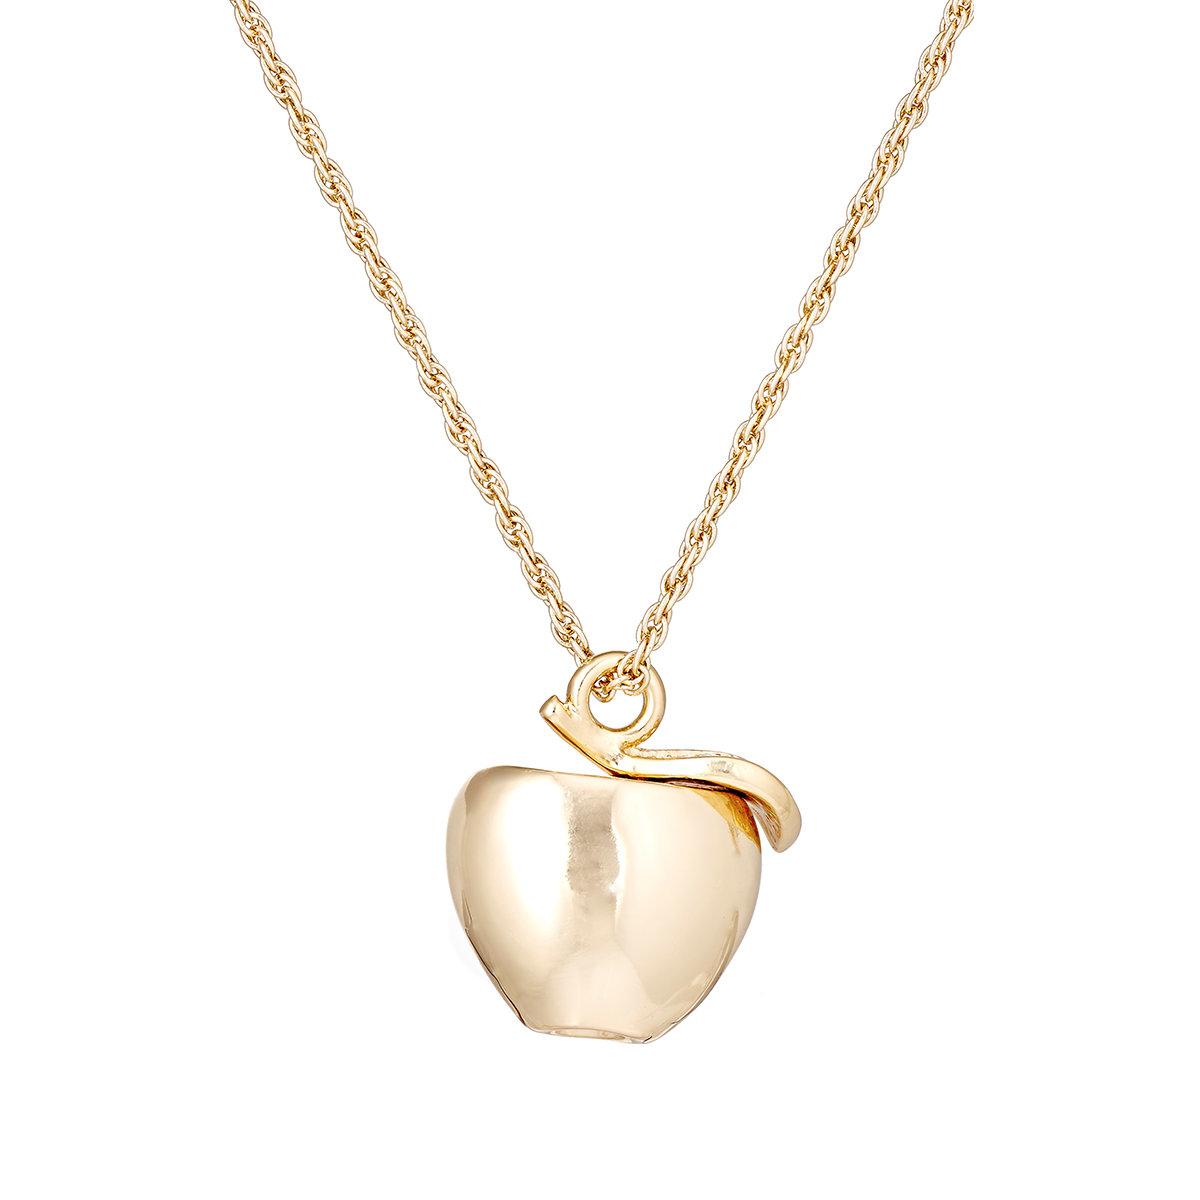 Lyst kenneth jay lane womens apple pendant necklace in metallic gallery aloadofball Gallery